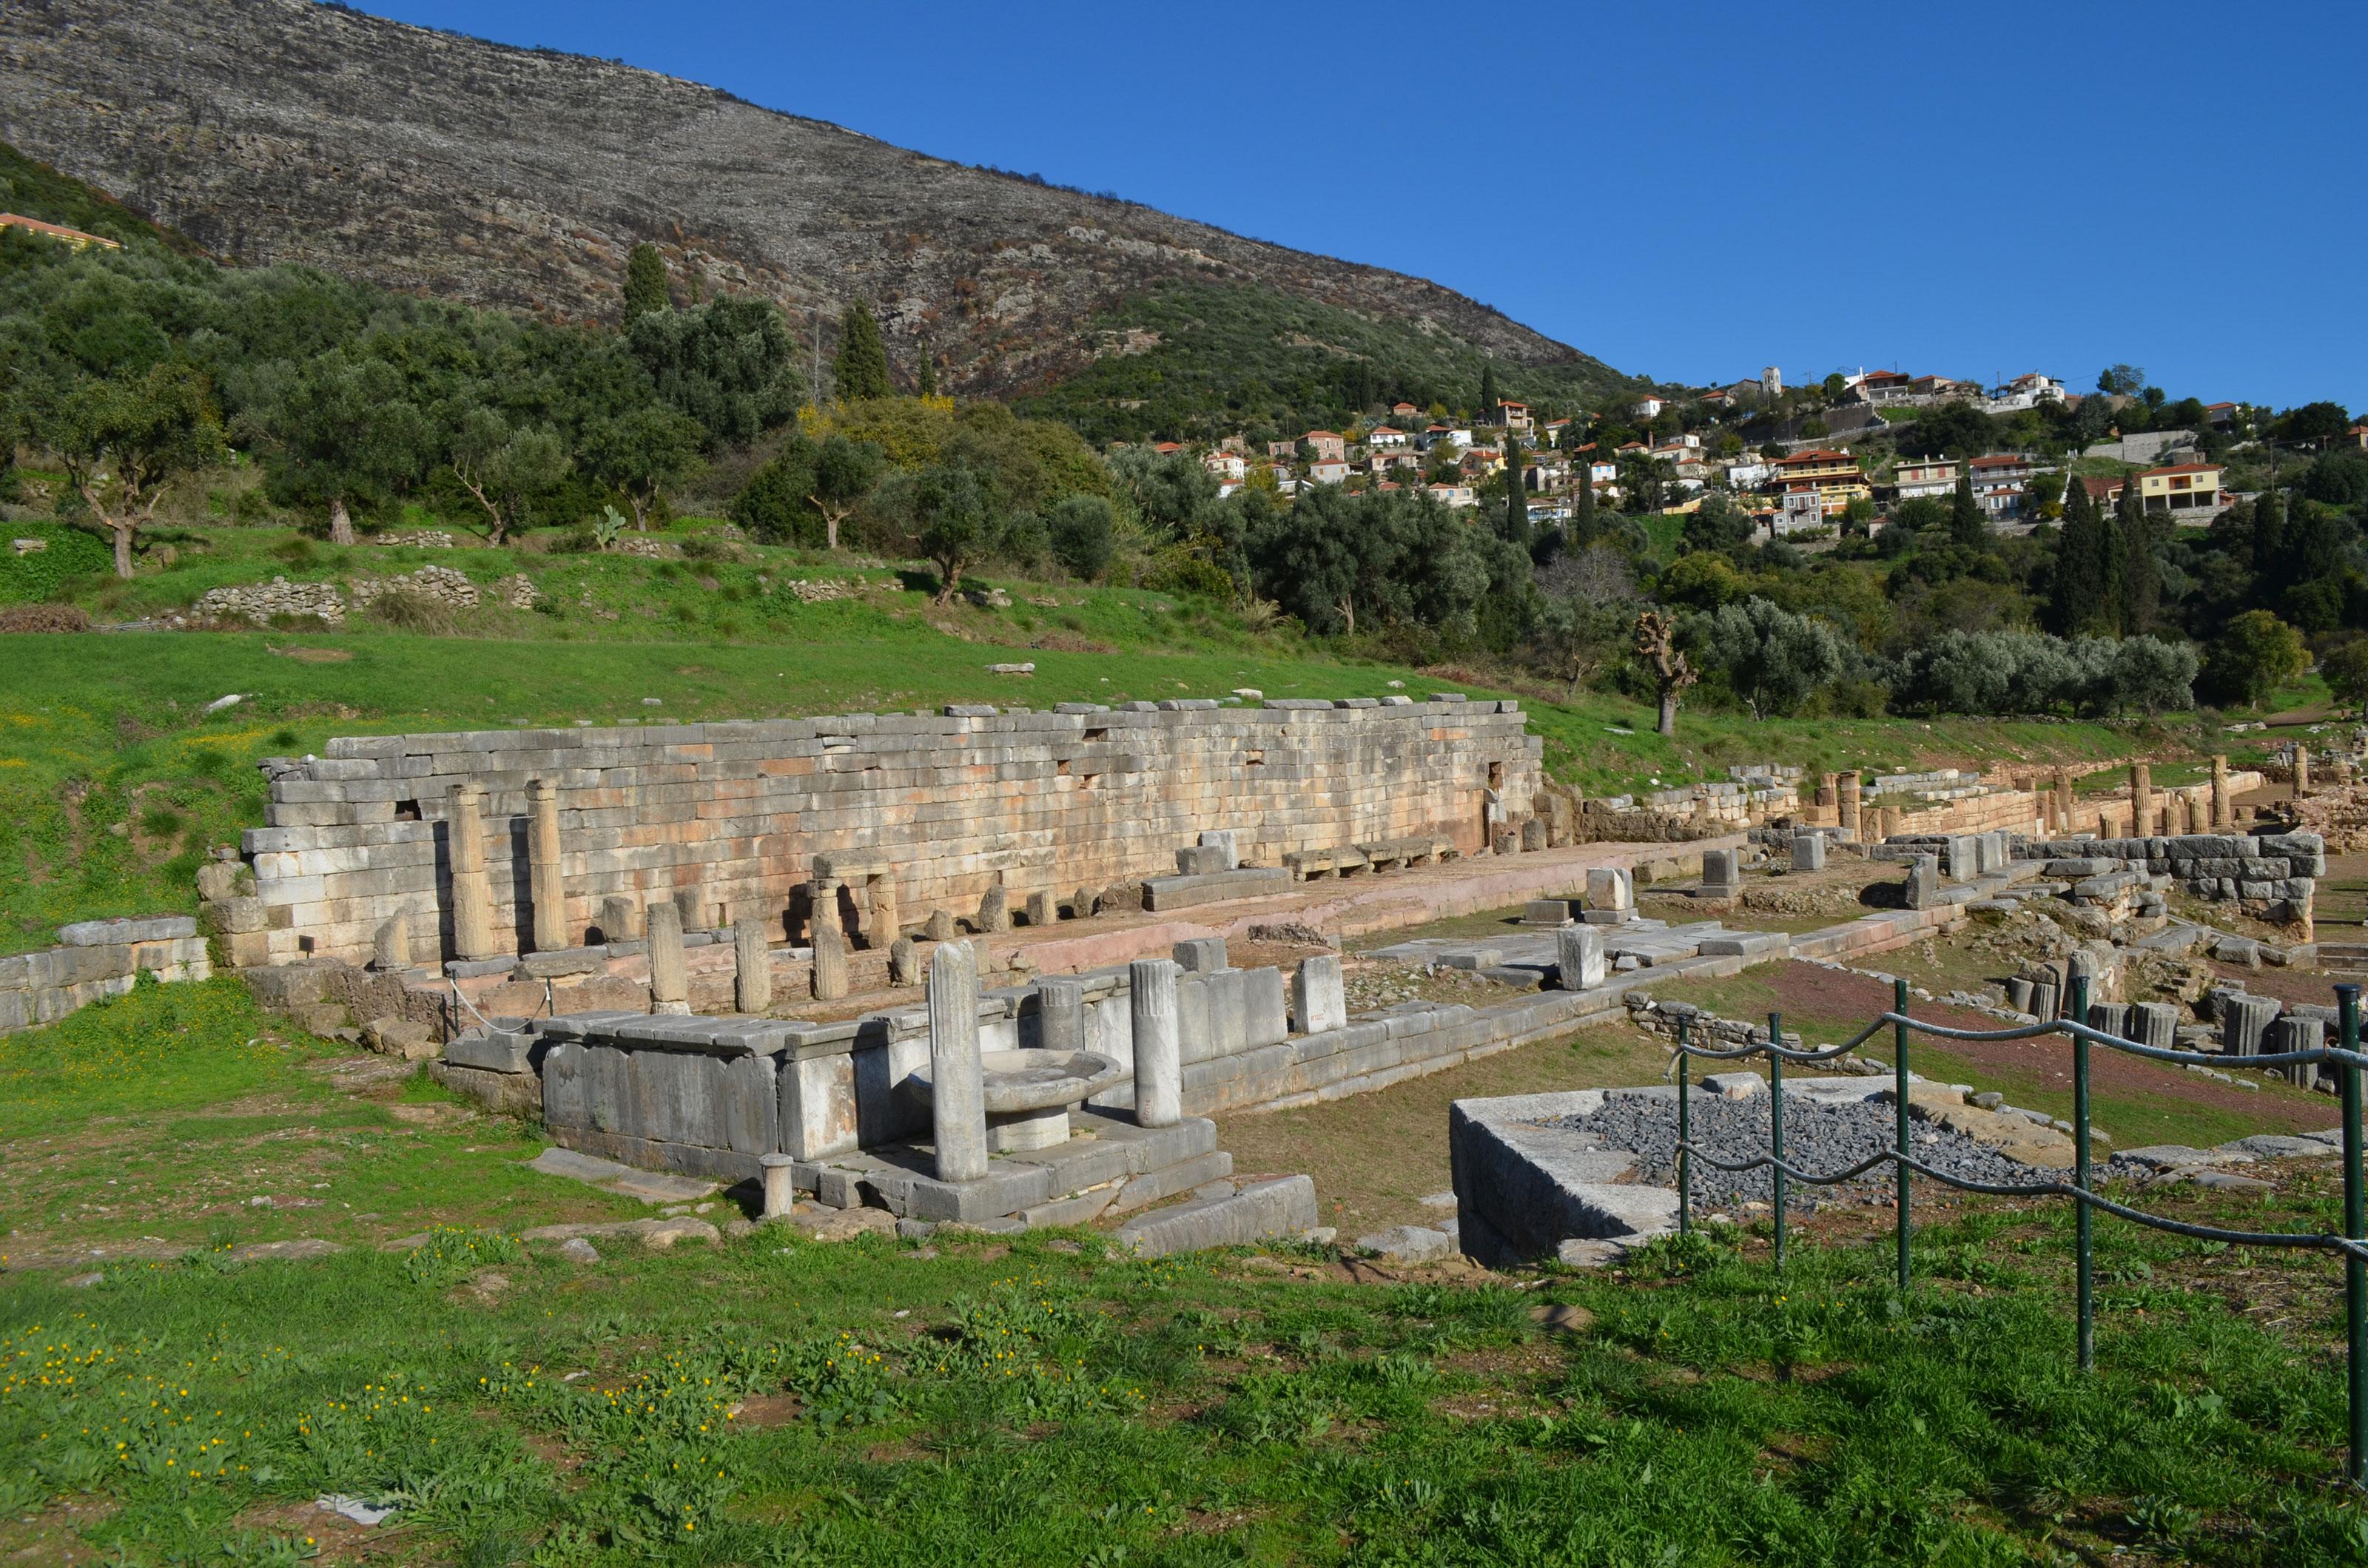 Κατάλογος των αρχαιολογικών μεθόδων γνωριμιών